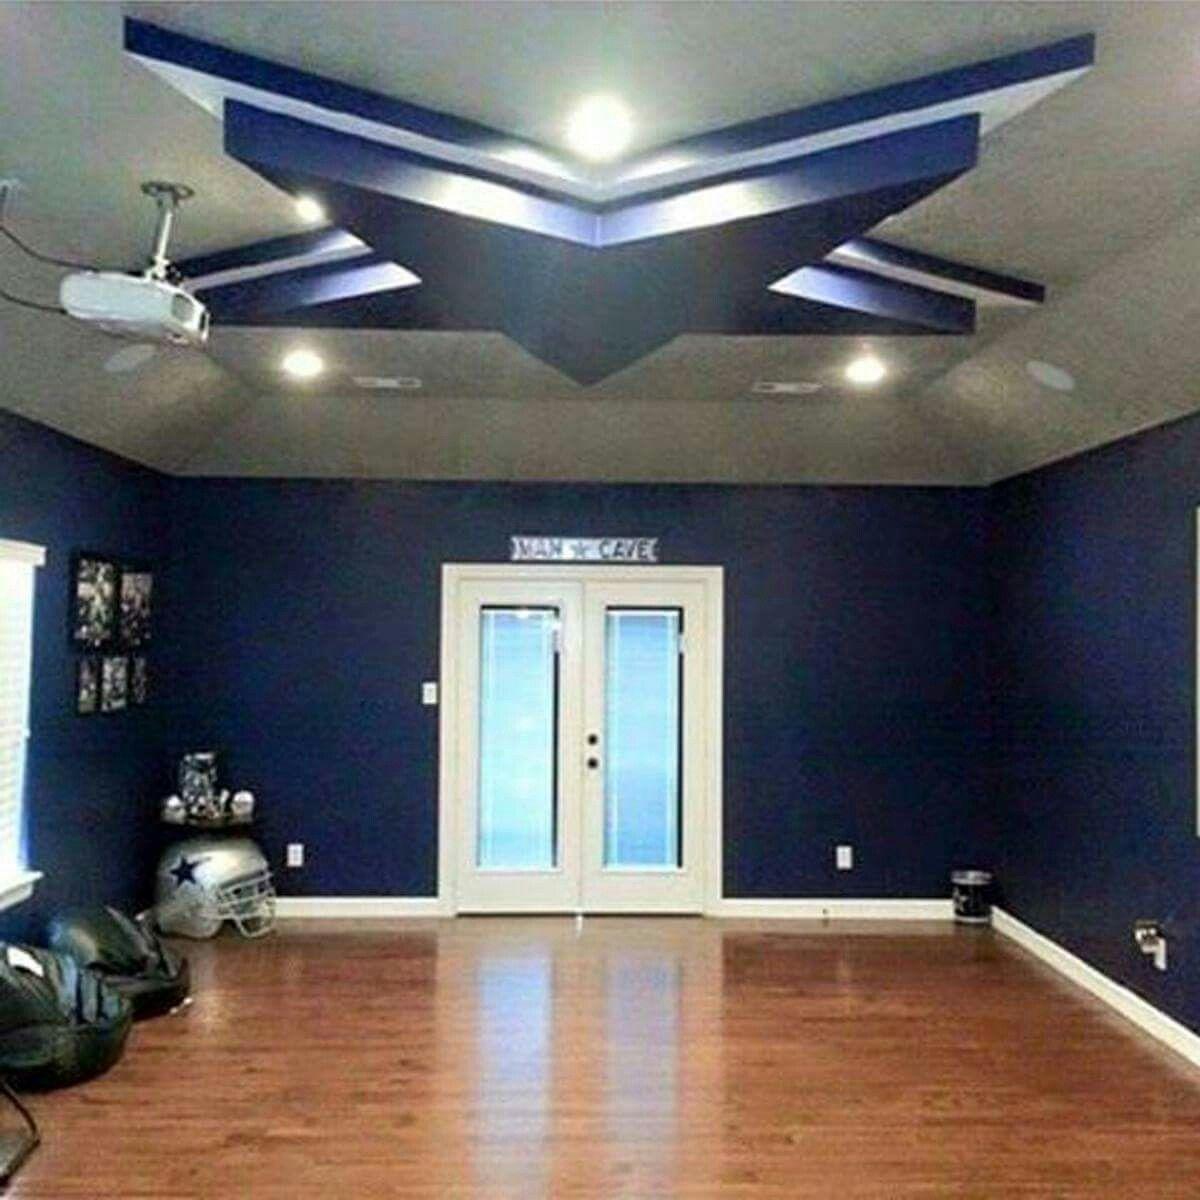 Dallas Cowboys Game Room Ideas